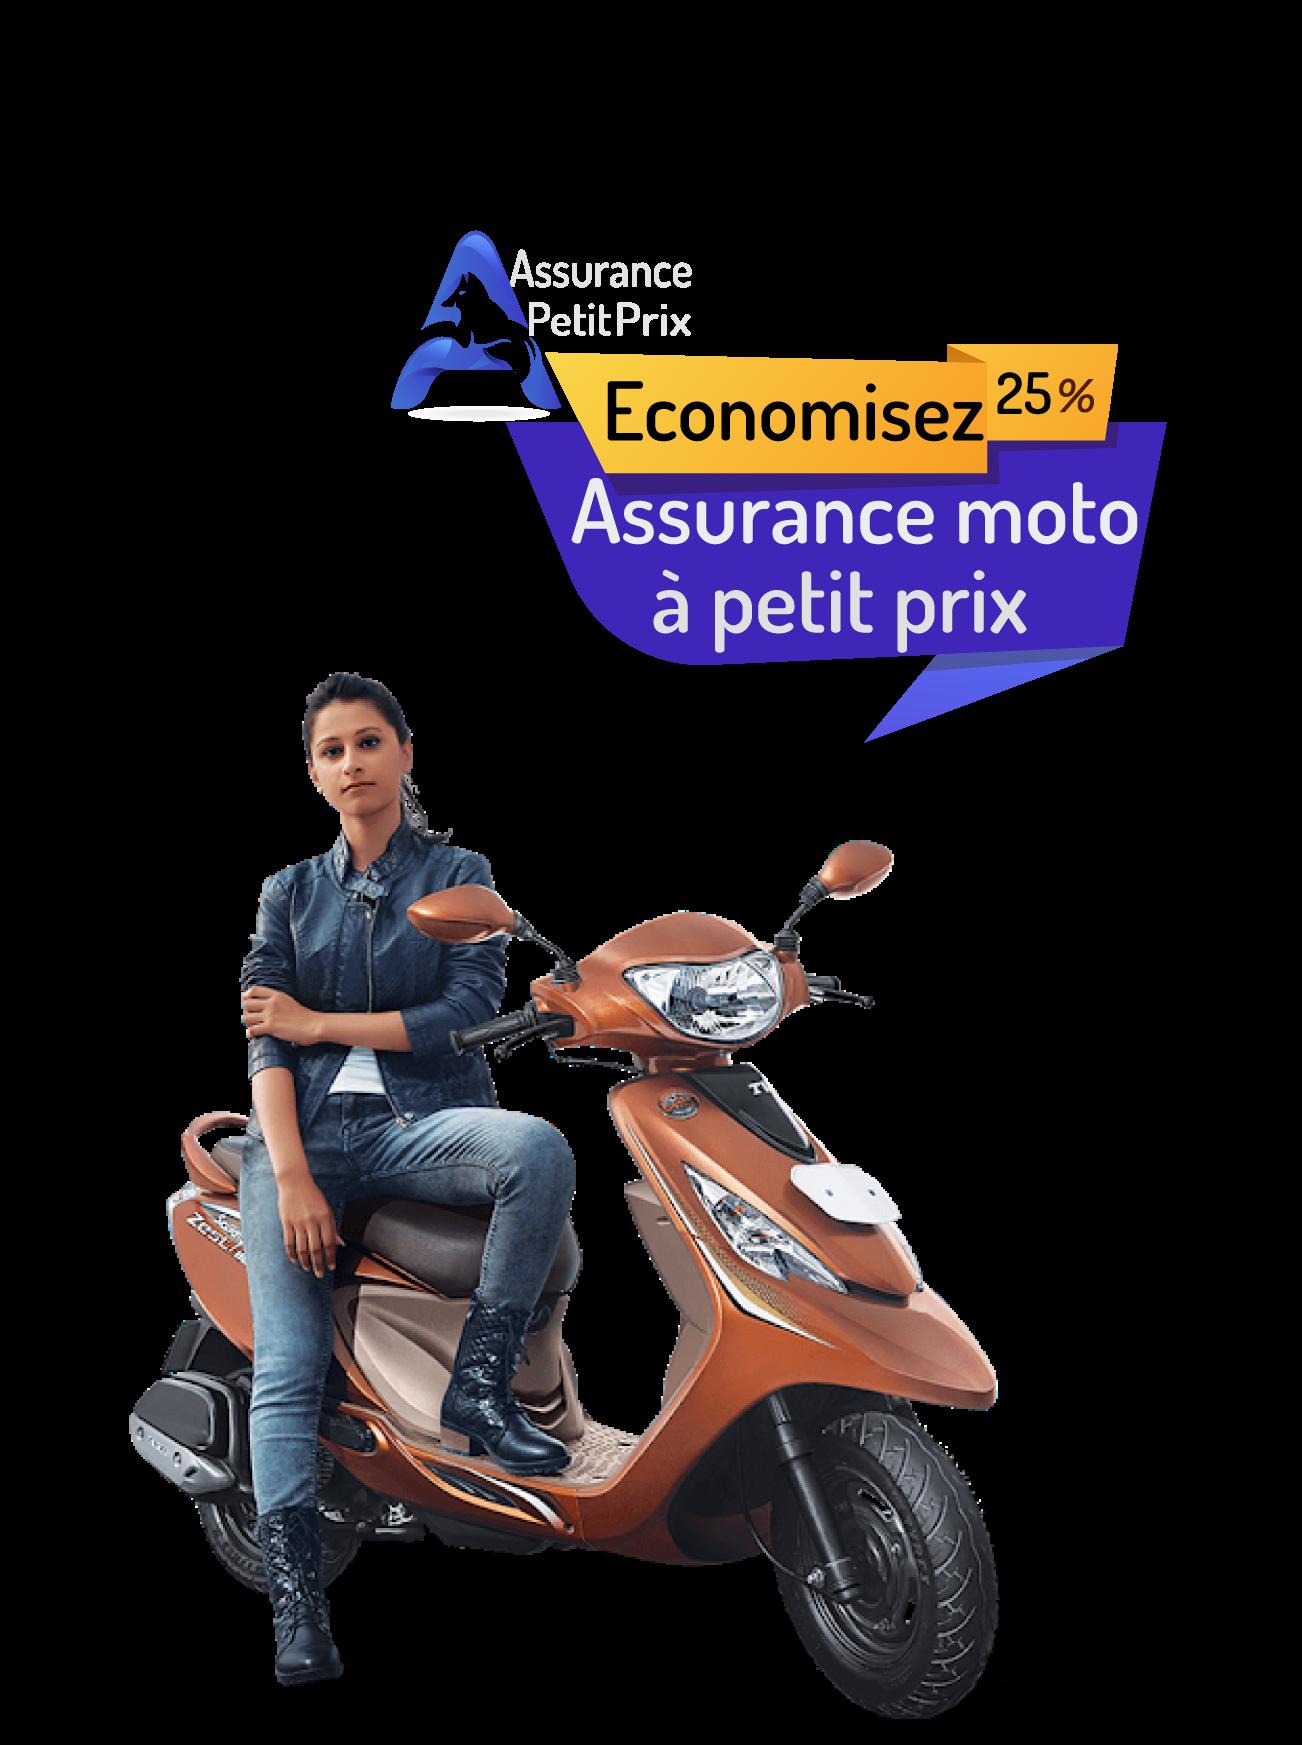 assurance scooter 125cc petit prix